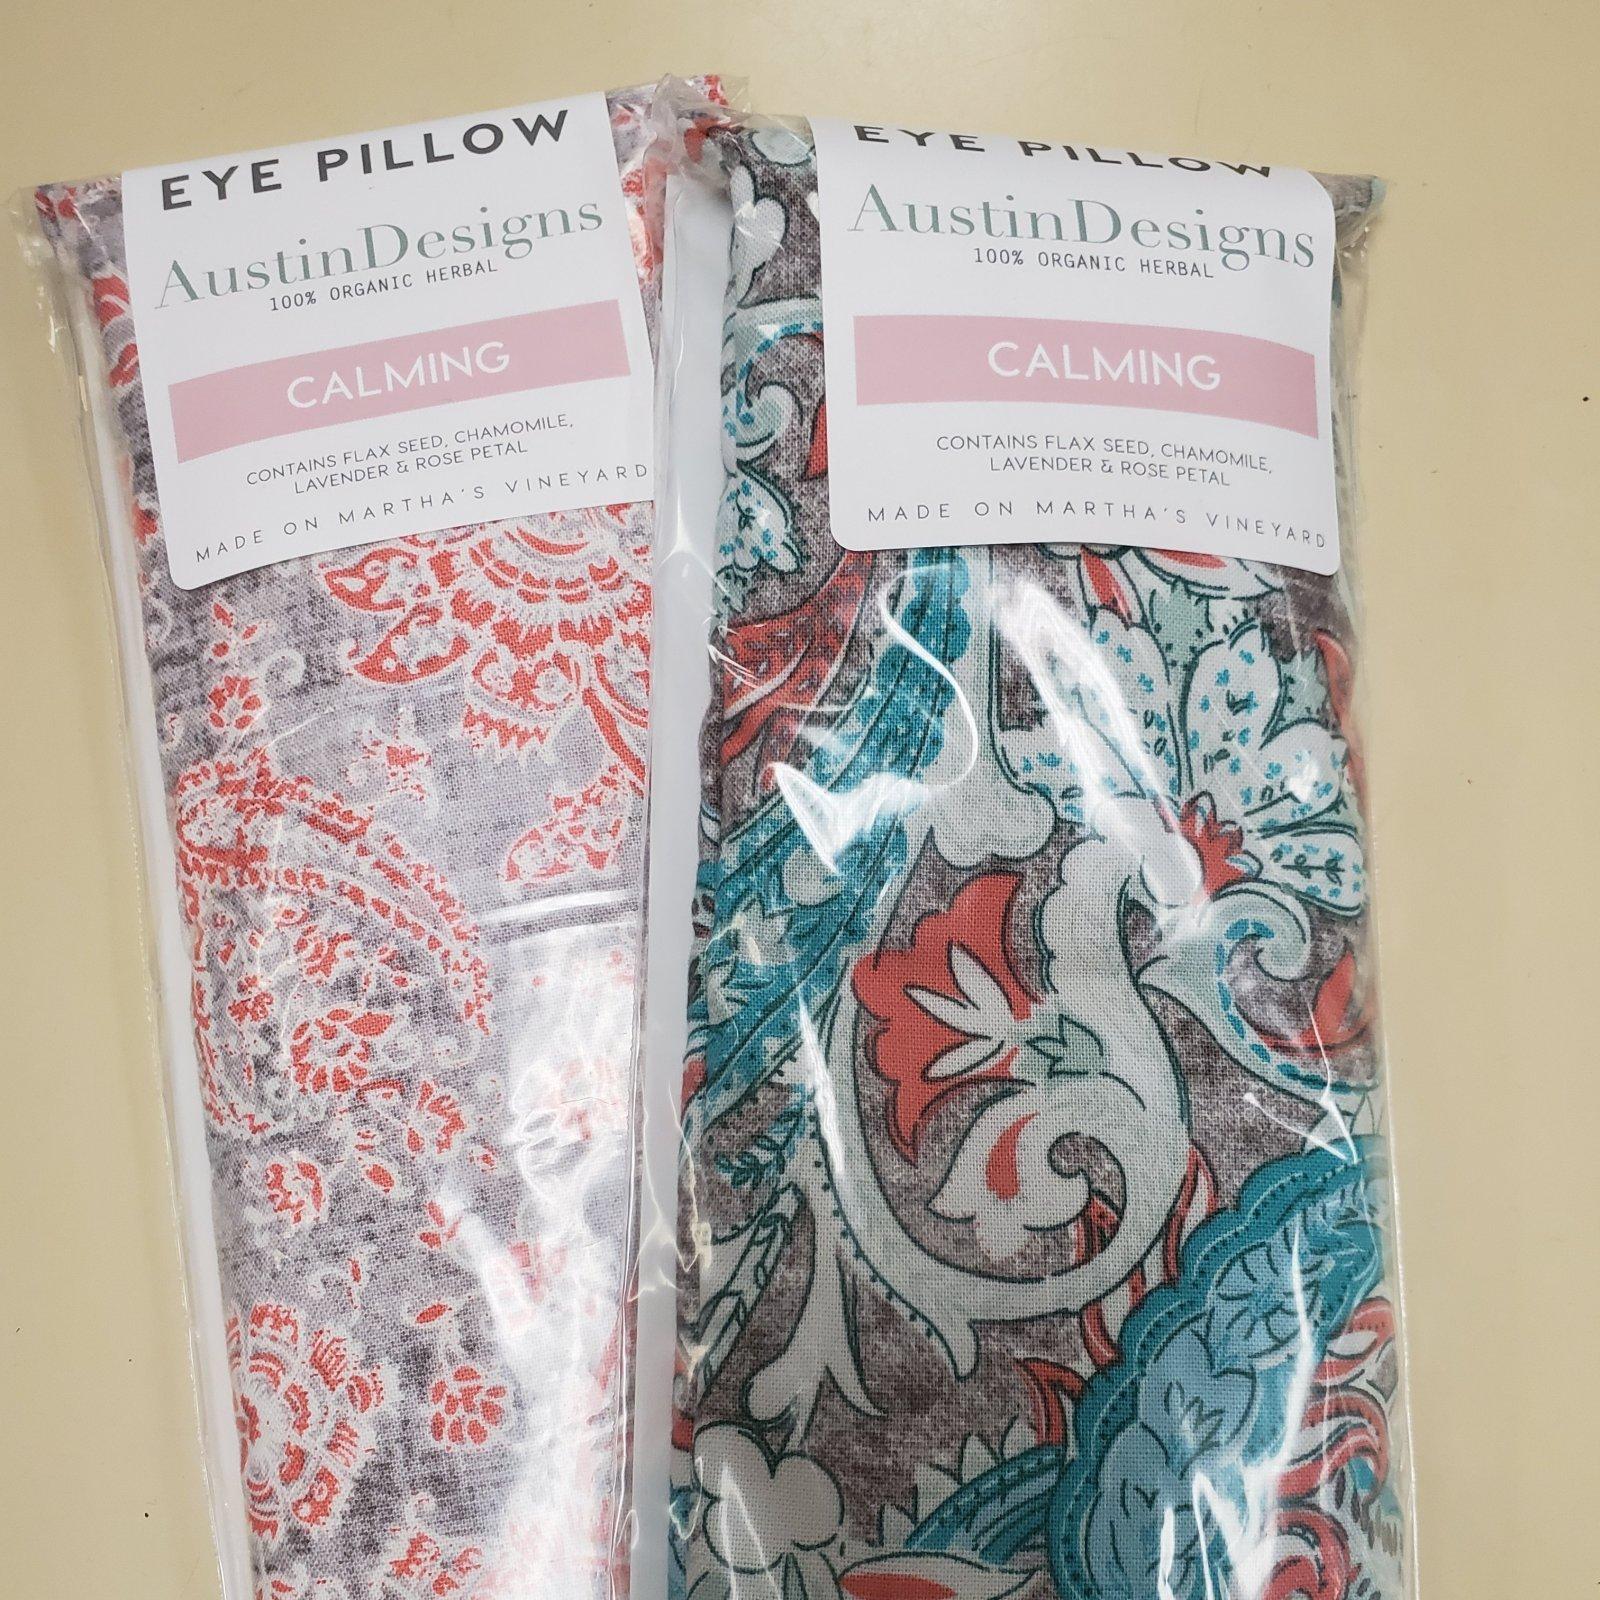 942-Eye Pillow